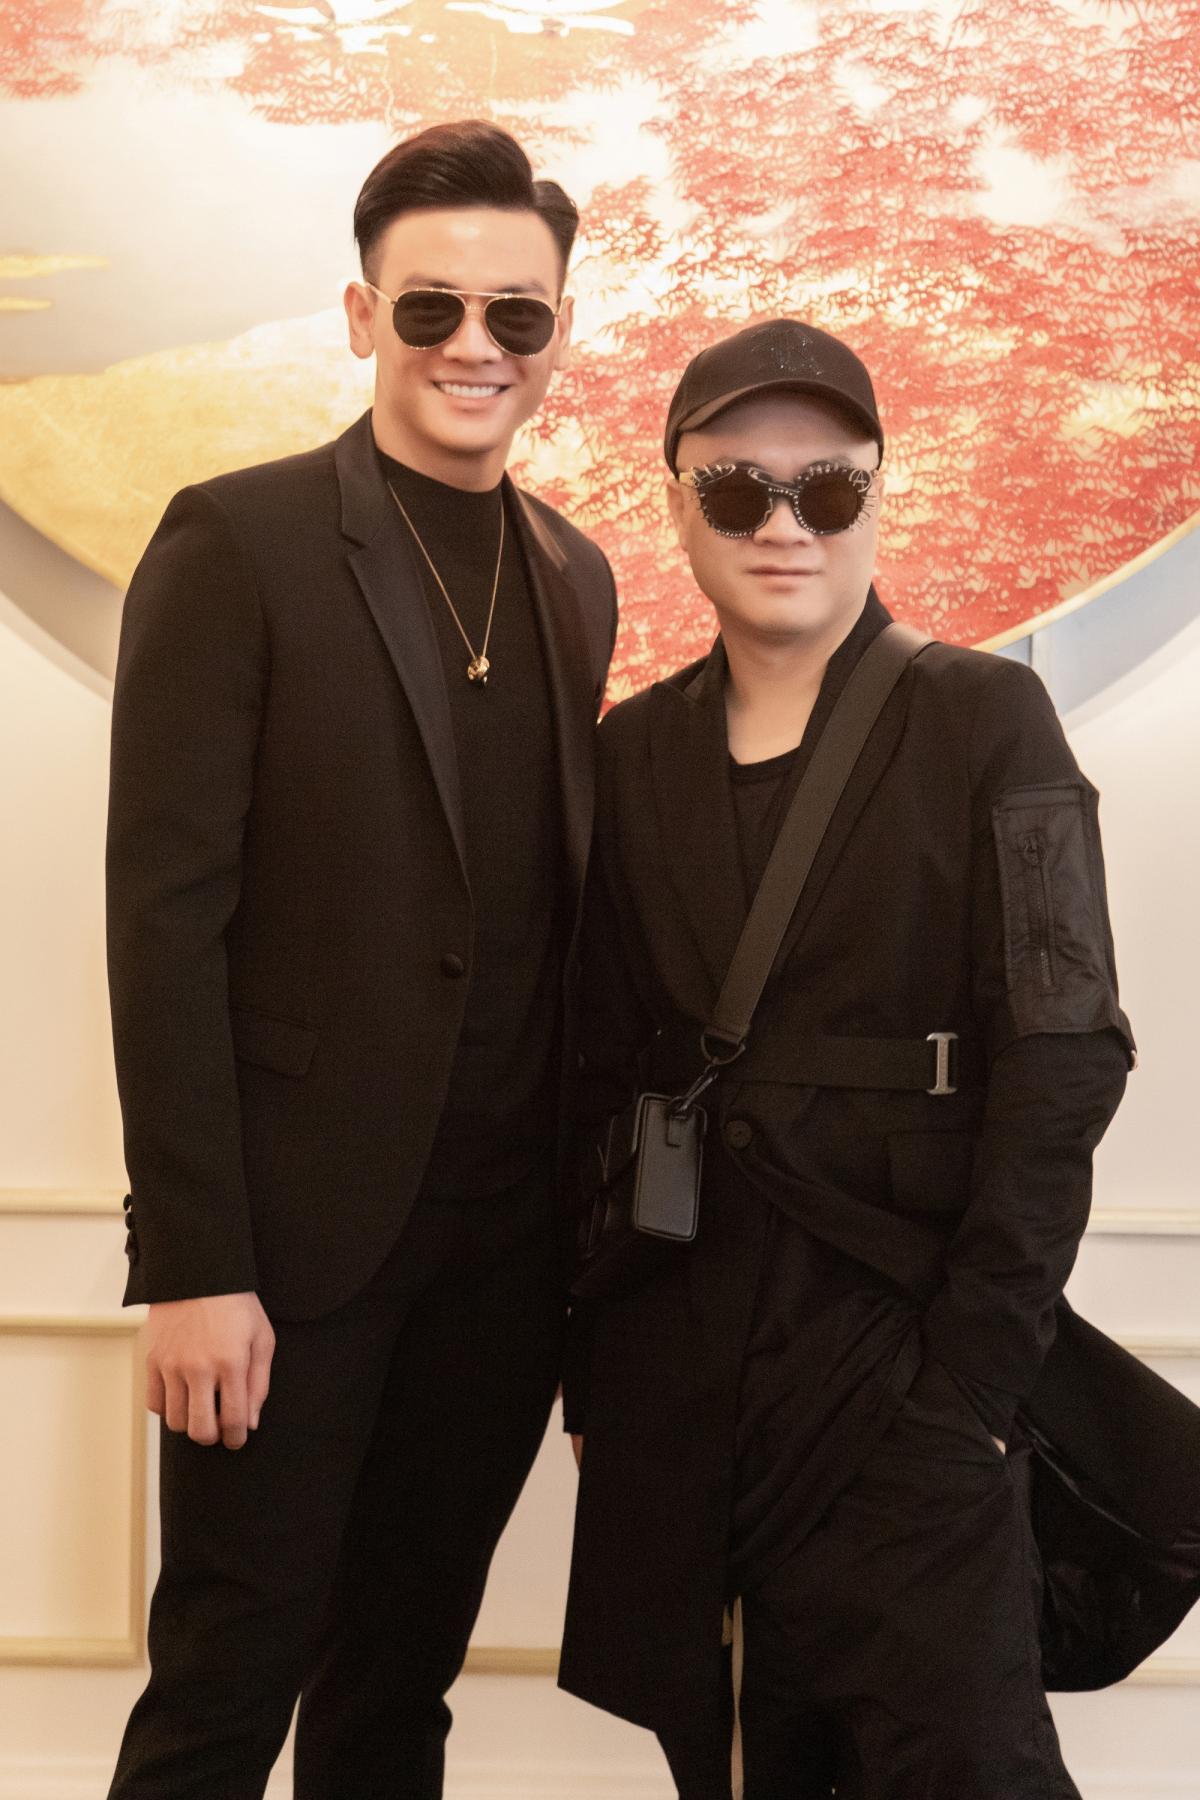 Đến chúc mừng sinh nhật NTK Đỗ Mạnh Cường, người mẫu Lê Xuân Tiền chọn trang phục đen đồng điệu.